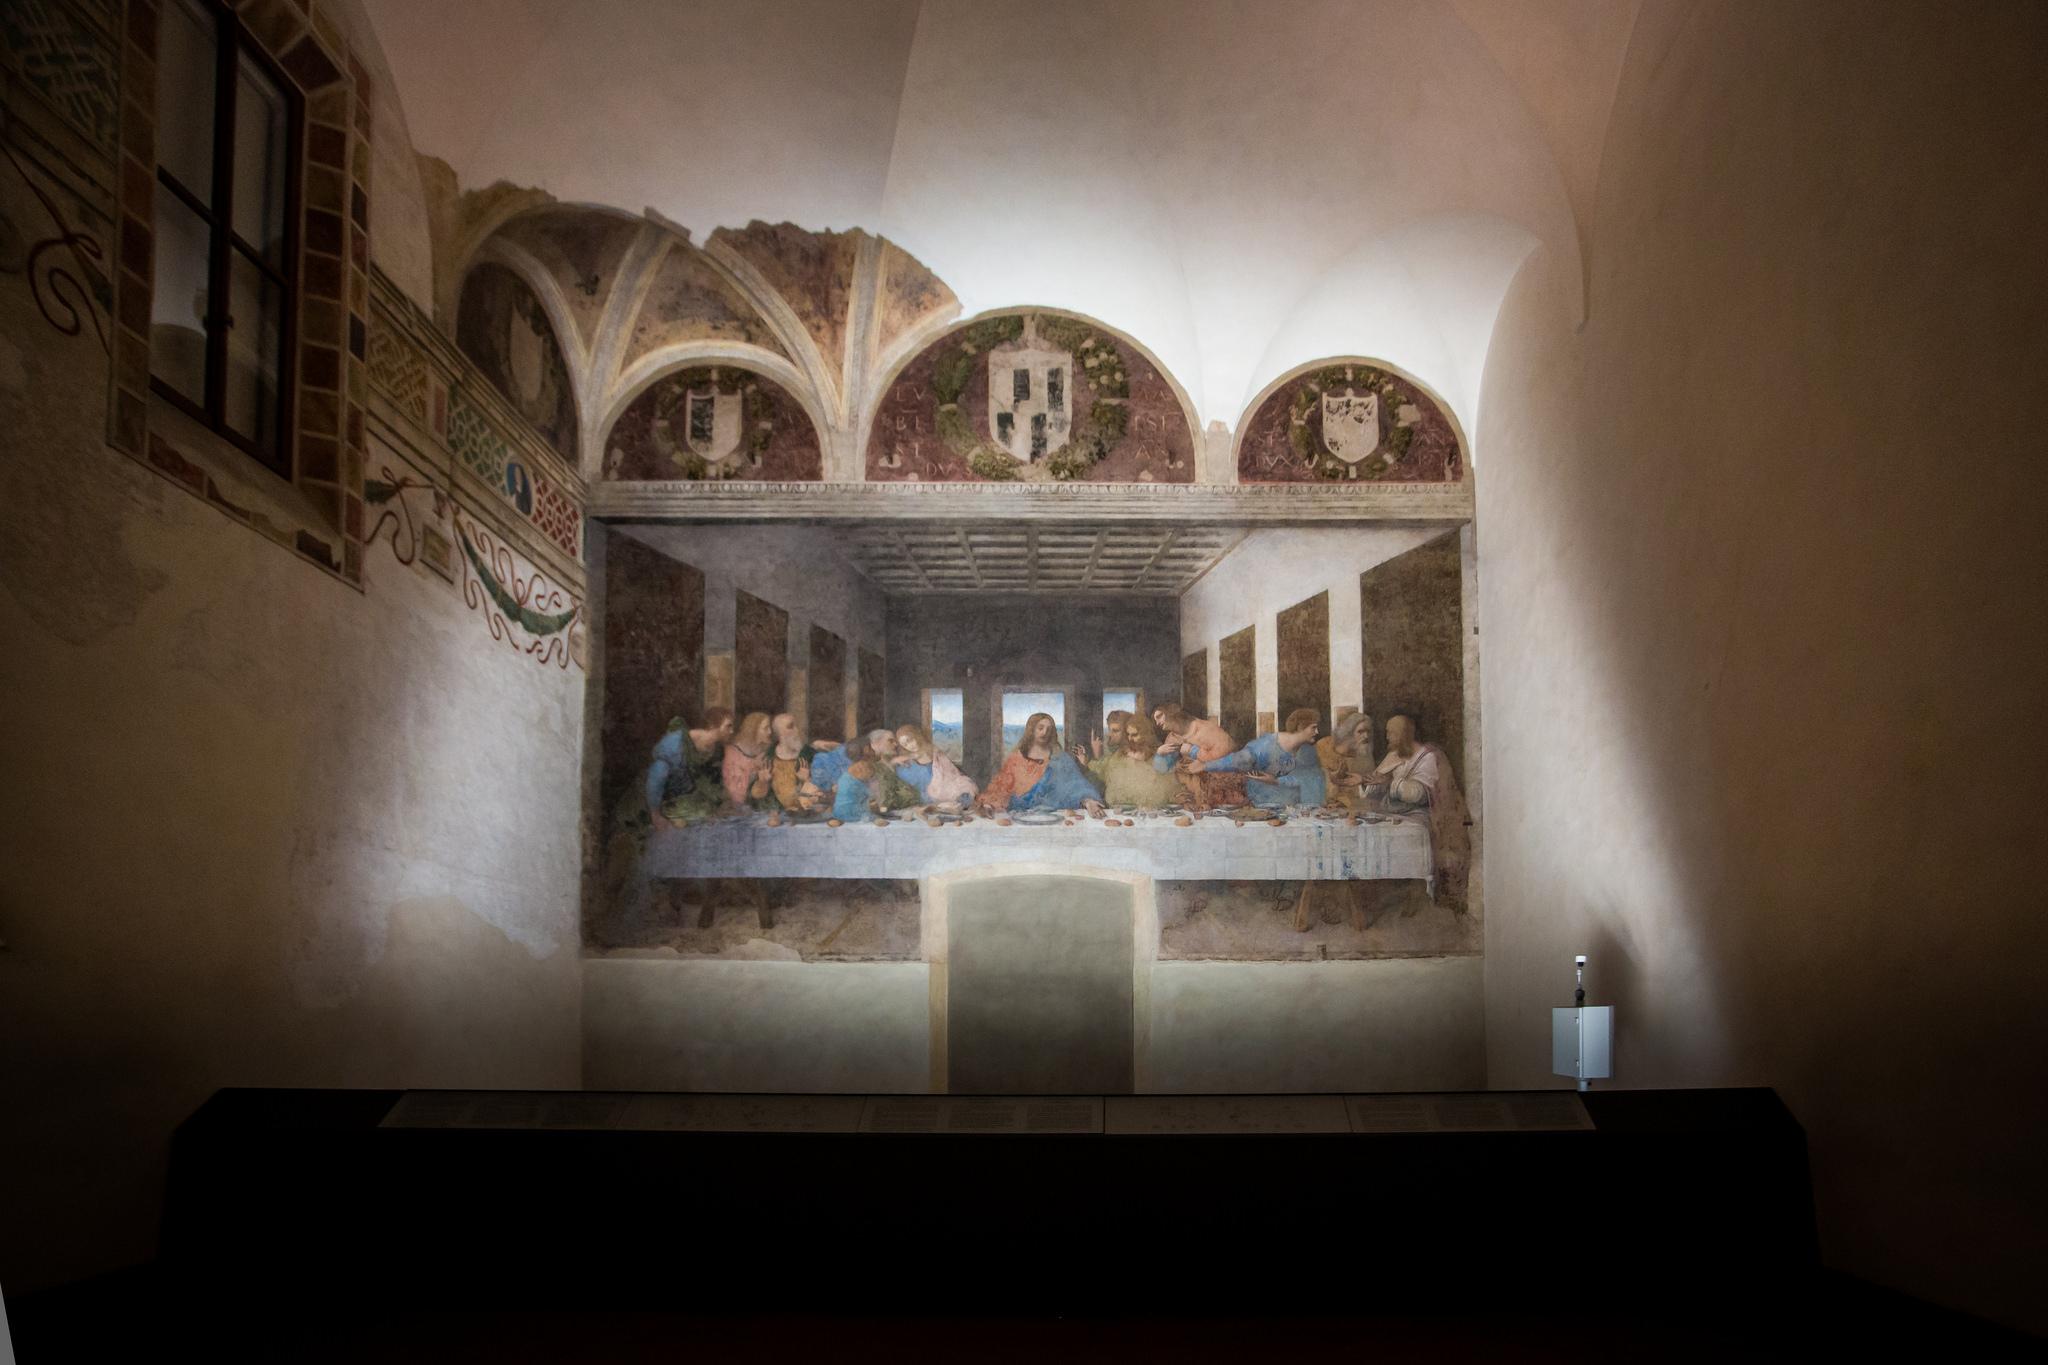 Тайная вечеря Леонардо да Винчи в Милане Билеты на Тайная вечеря в Милане Тайная вечеря Леонардо да Винчи в Милане The Last Supper big